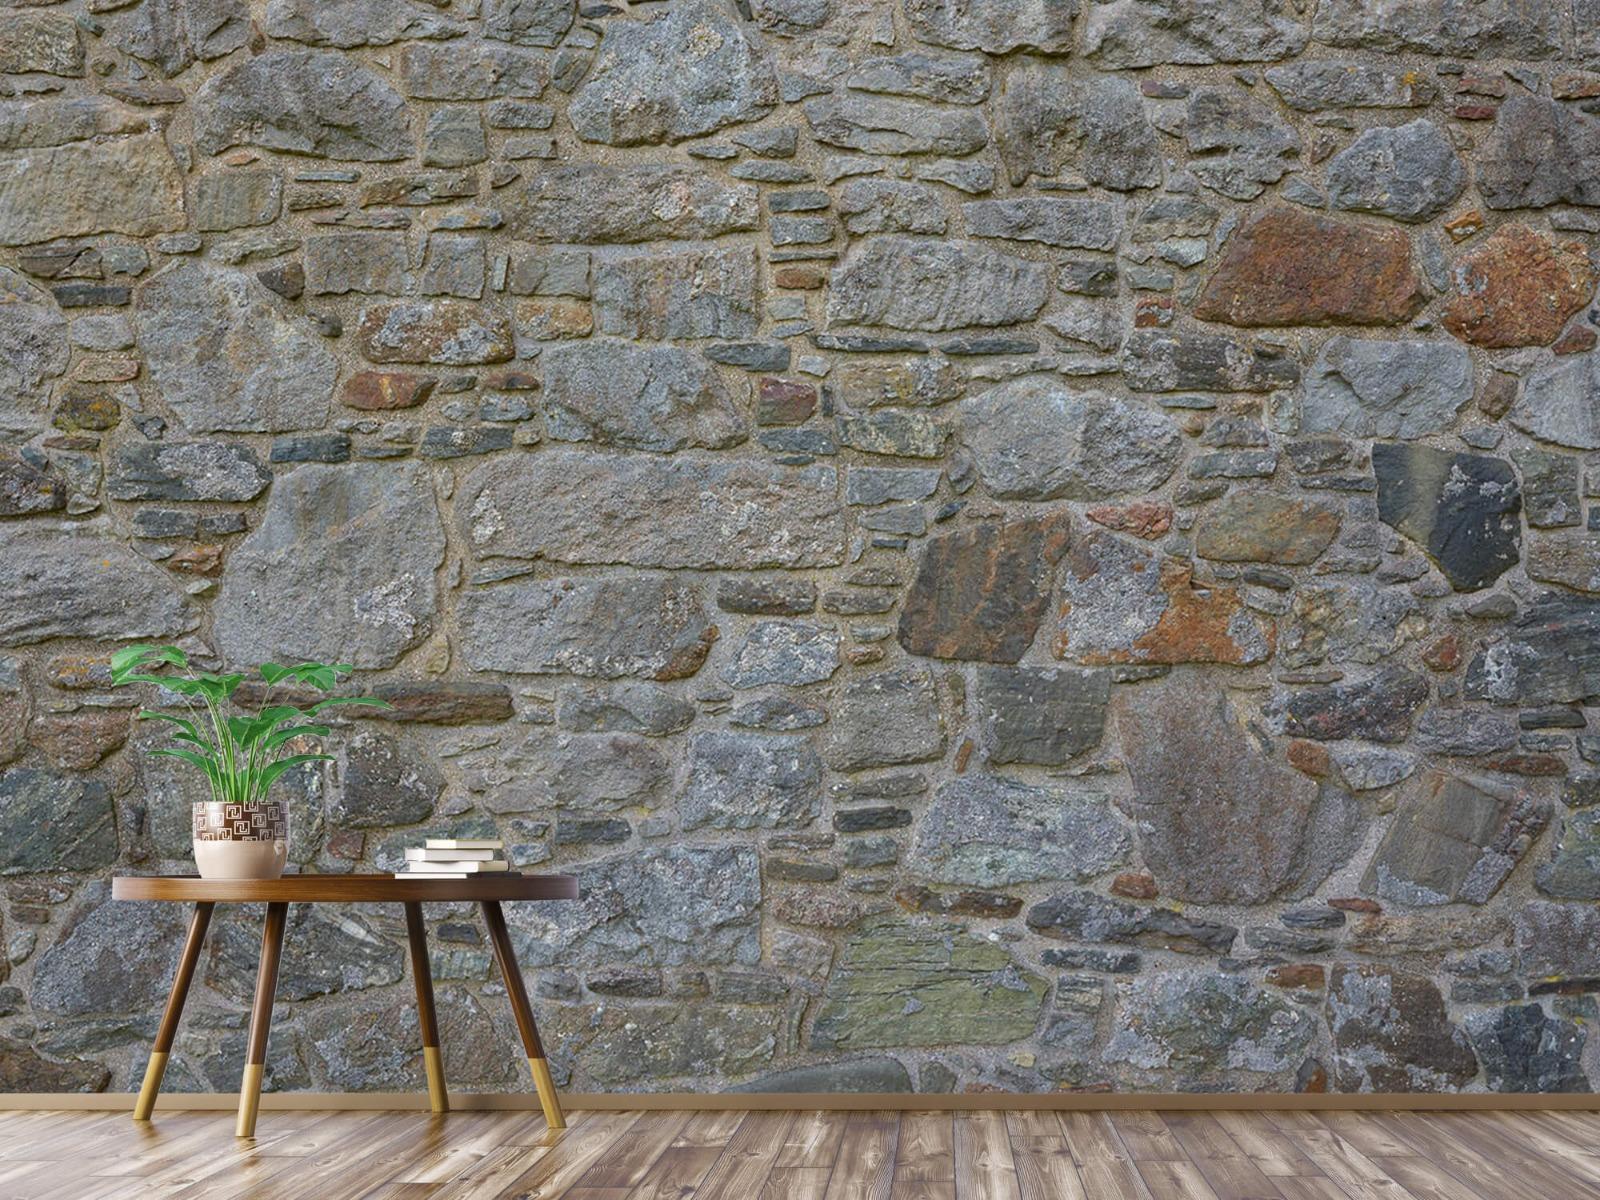 Papier peint en pierre - Mur de pierre médiéval - Chambre à coucher 4